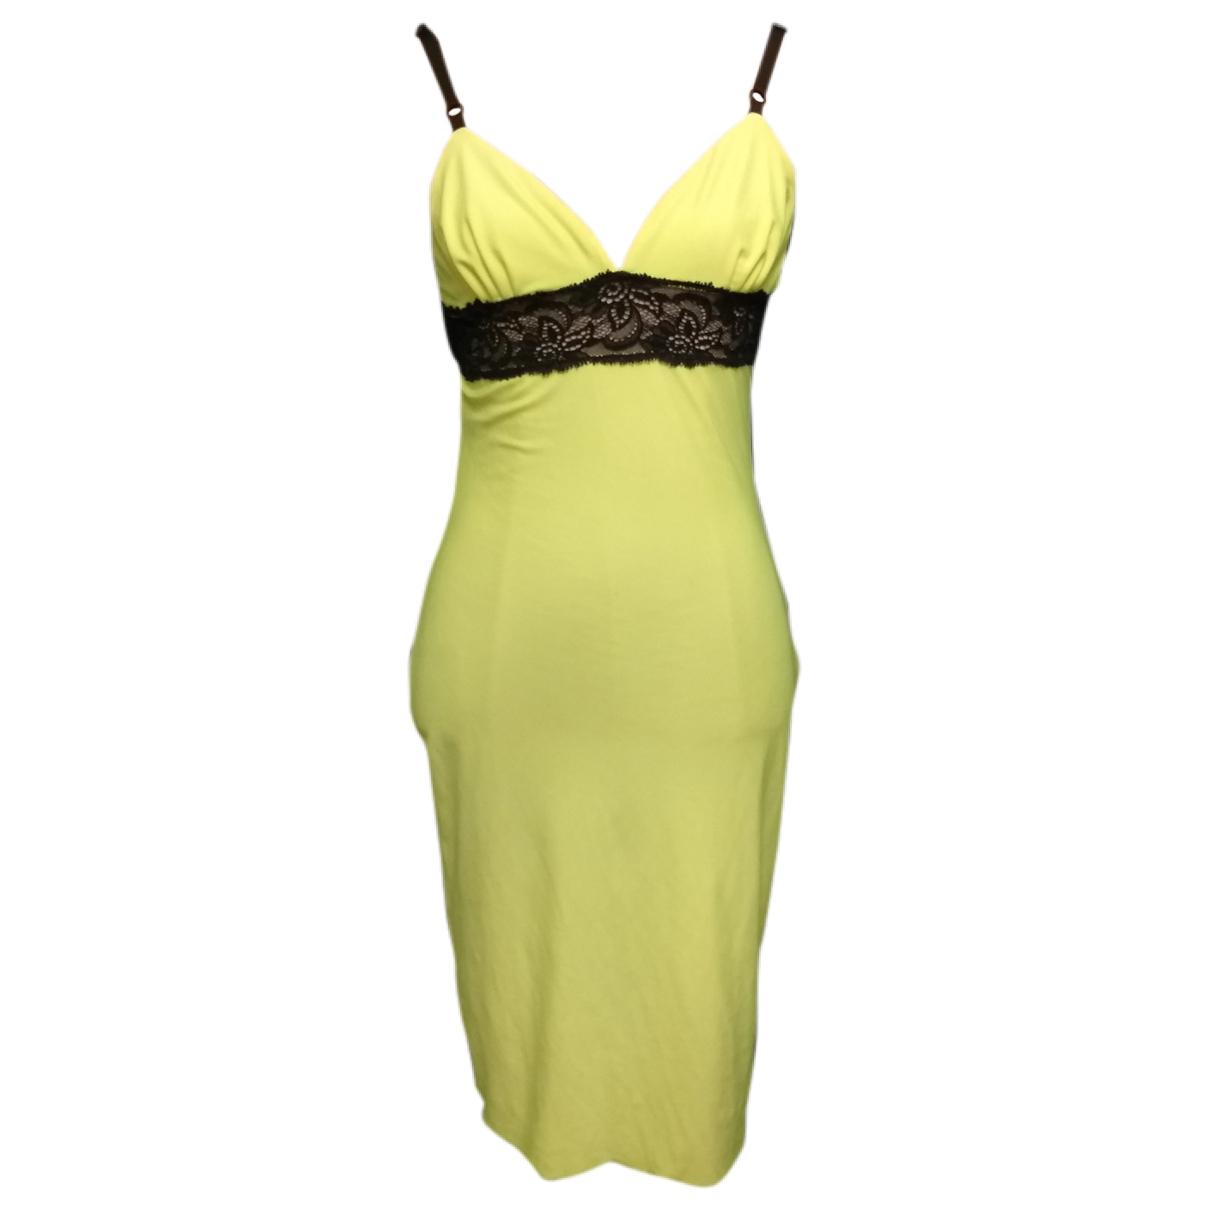 D&g \N Kleid in  Gelb Polyester